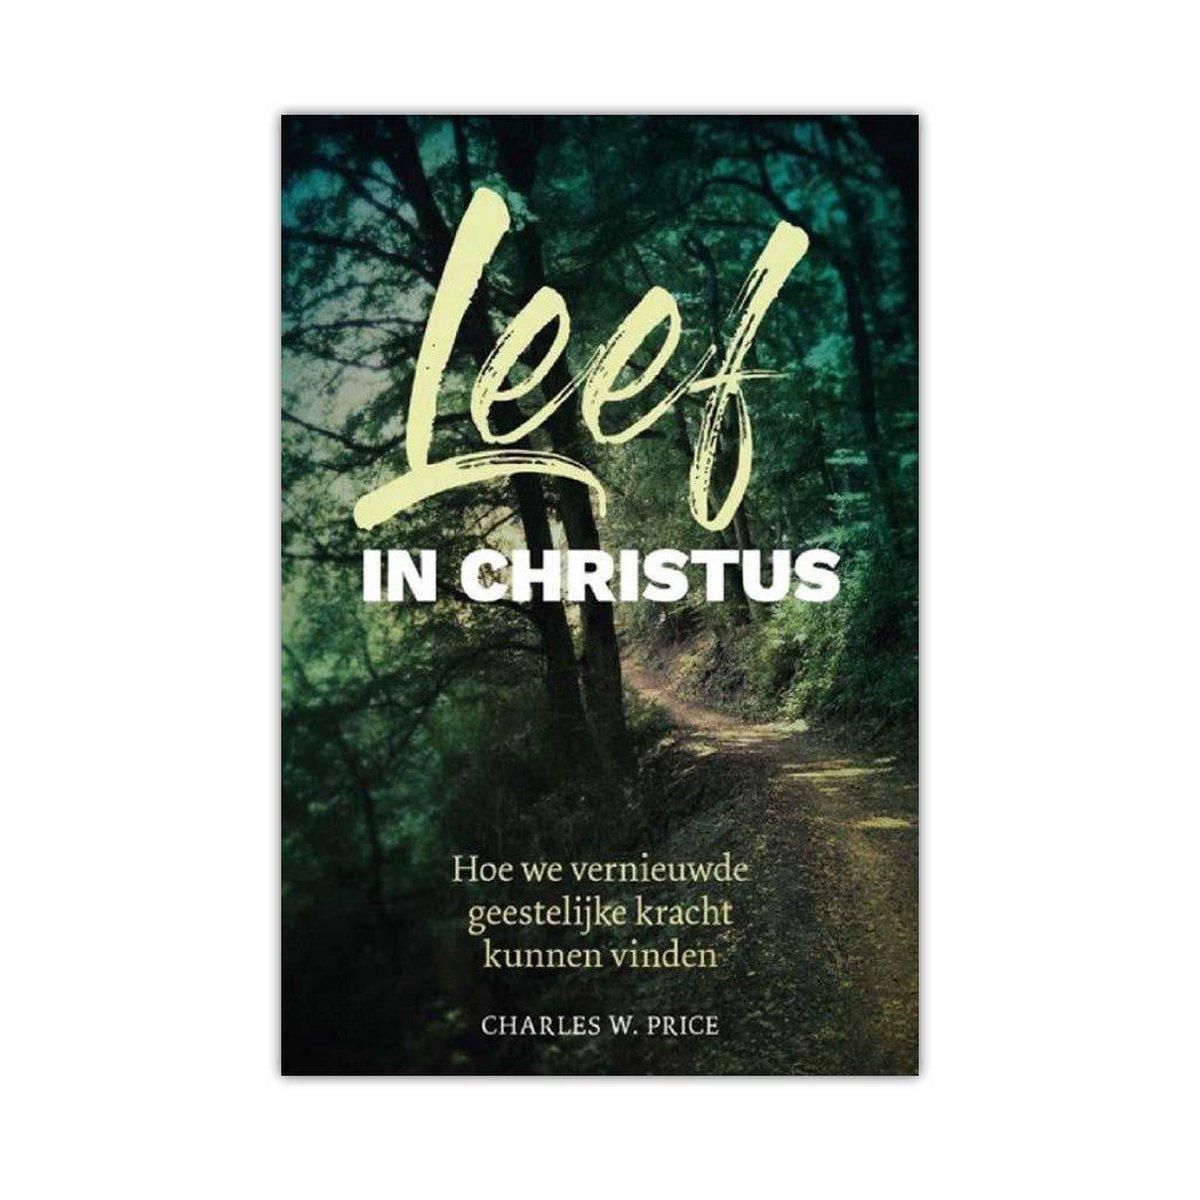 In 'Leef in Christus' legt de bekende bijbelleraar en voorganger Charles W. Price uit dat het christelijke leven geen techniek of een levensstijl is, maar dat het uitsluitend gaat om een relatie met Jezus Christus. Price gebruikt verschillende voorbee